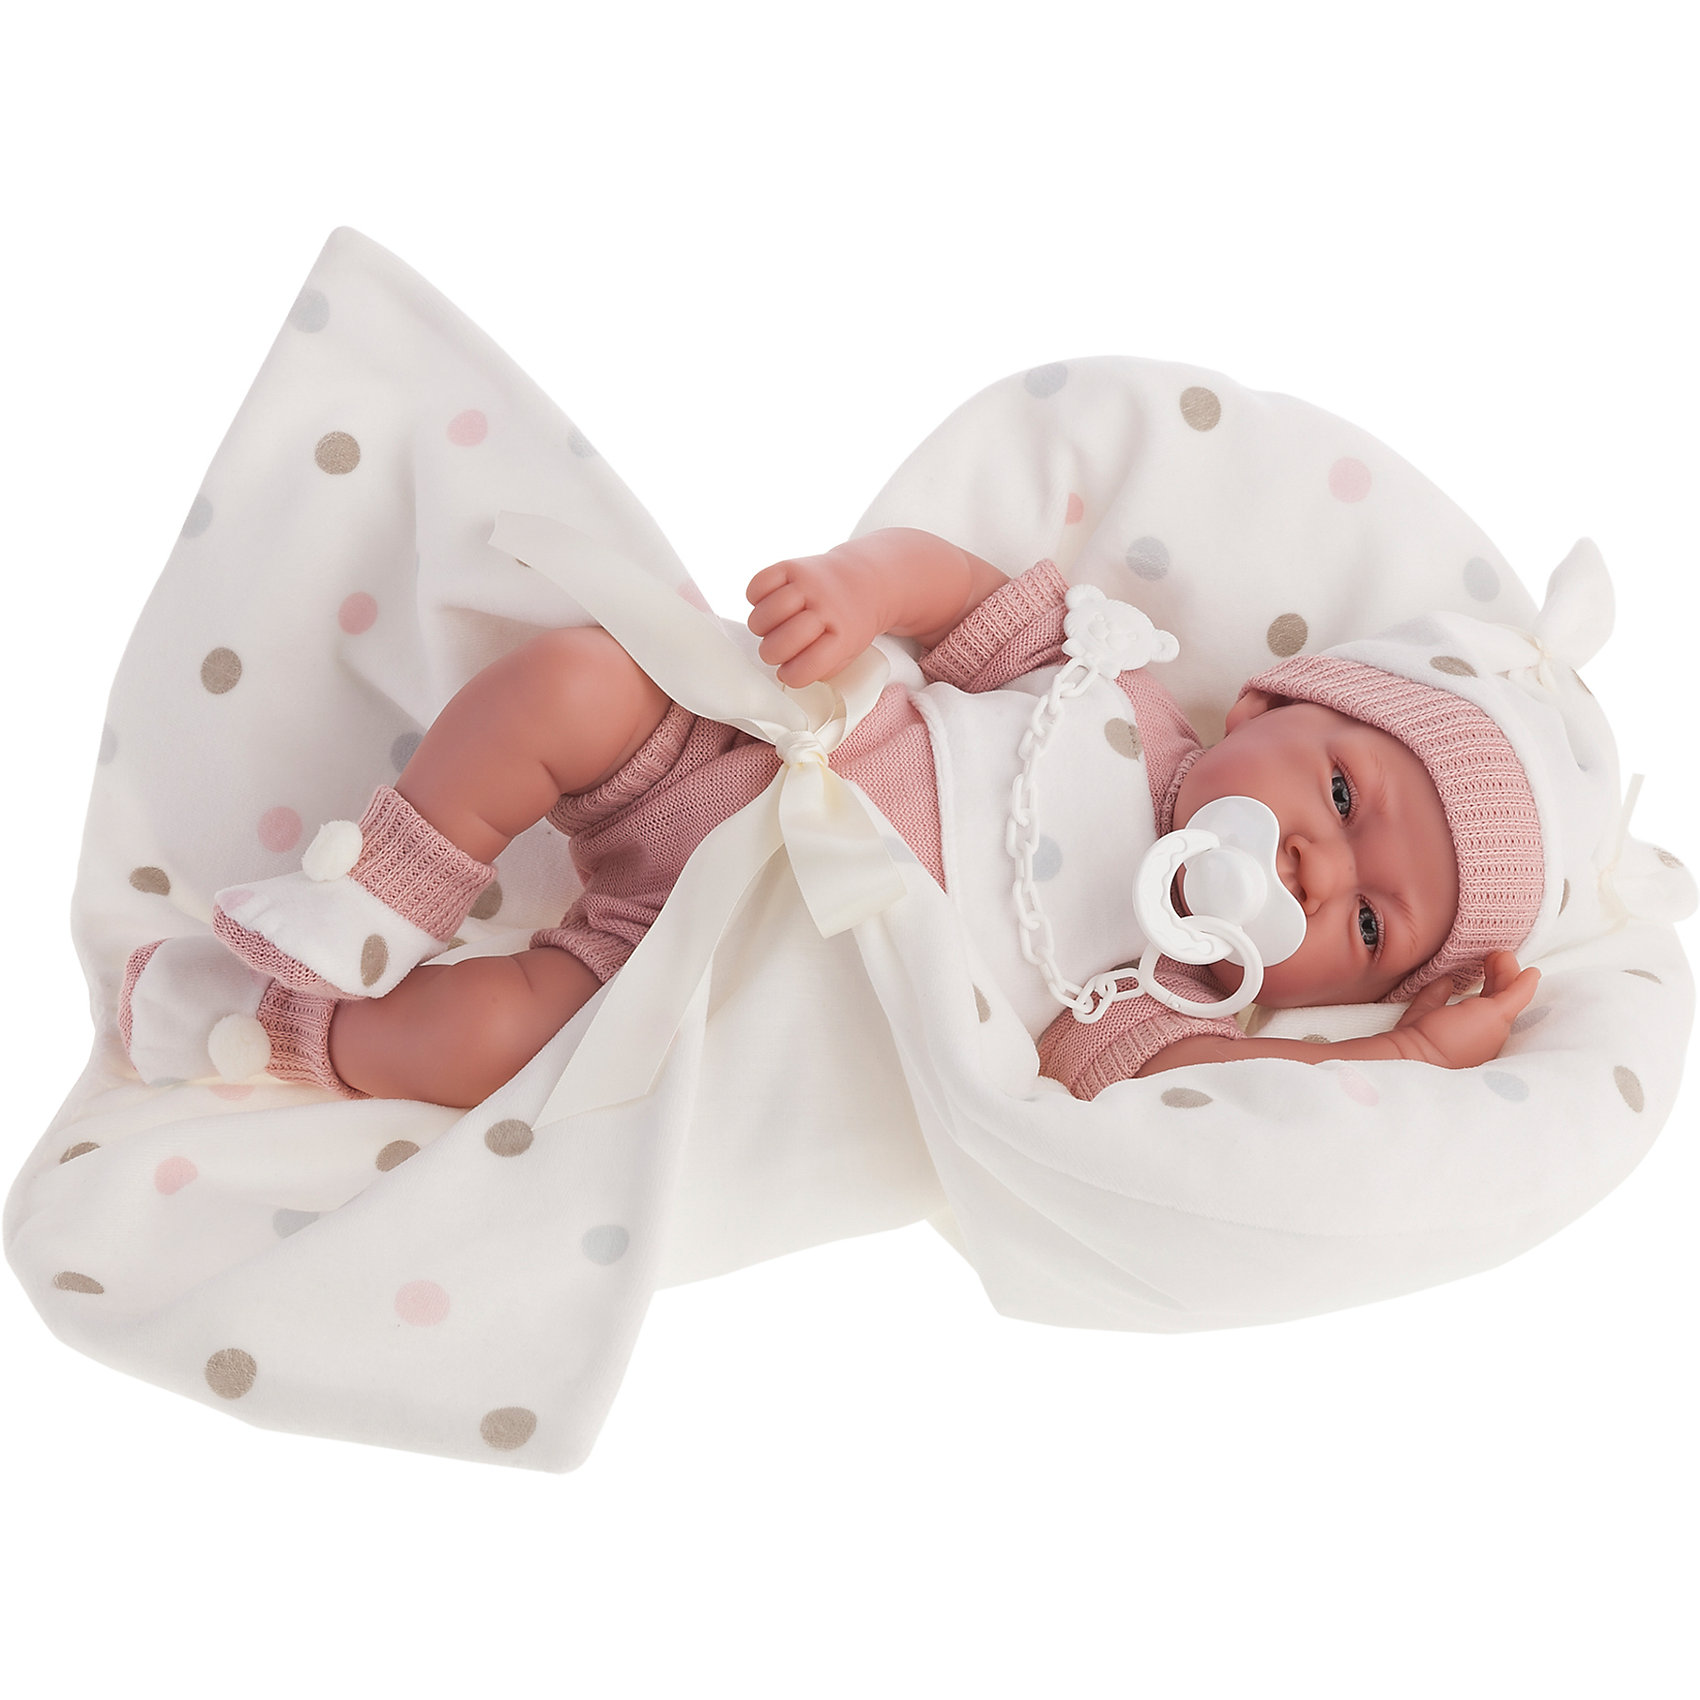 Кукла Санти в розовом, озвученная, 40 см, Munecas Antonio JuanКлассические куклы<br>Кукла Санти в розовом, озвученная, 40 см, Munecas Antonio Juan (Мунекас Антонио Хуан).<br><br>Характеристики:<br><br>- Комплектация: кукла в одежде, одеяло, соска<br>- Материал: винил, текстиль<br>- Высота куклы: 40 см.<br>- Глаза не закрываются<br>- Интерактивные функции куклы: нажмите на животик 1 раз и кукла начнет по детски лепетать<br>- Батарейки: 3 x AG13 / LR44 (входят в комплект)<br>- Упаковка: яркая подарочная коробка<br><br>Малышка Санти невероятно похожа на настоящего младенца. Анатомическая точность, с которой выполнена кукла, поражает! Голубые глазки, маленький носик, нежные щечки, пухлые губки, милые «перевязочки» на ручках и ножках придают кукле реалистичный вид и вызывают только самые положительные и добрые эмоции. Санти одета нежно-розовый утепленный комбинезончик, светлую вязаную шапочку, на ногах - мягкие пинетки с помпончиками. В комплекте также предусмотрена соска и одеяло украшенное узором в горошек. Кукла оснащена звуковым модулем, если нажать на животик, Санти начнет по детски лепетать. Тельце у куклы мягко-набивное, голова, ручки и ножки сделаны из высококачественного винила. Голова, ручки и ножки подвижны. Кукла изготовлена из высококачественных и экологически чистых материалов, поэтому безопасна для детей любого возраста, соответствует всем нормам и требованиям к качеству детских товаров. Образы малышей Мунекас разработаны известными европейскими дизайнерами. Они натуралистичны, анатомически точны.<br><br>Куклу Санти в розовом, озвученную, 40 см, Munecas Antonio Juan (Мунекас Антонио Хуан) можно купить в нашем интернет-магазине.<br><br>Ширина мм: 50<br>Глубина мм: 26<br>Высота мм: 16<br>Вес г: 1770<br>Возраст от месяцев: 36<br>Возраст до месяцев: 2147483647<br>Пол: Женский<br>Возраст: Детский<br>SKU: 5055416